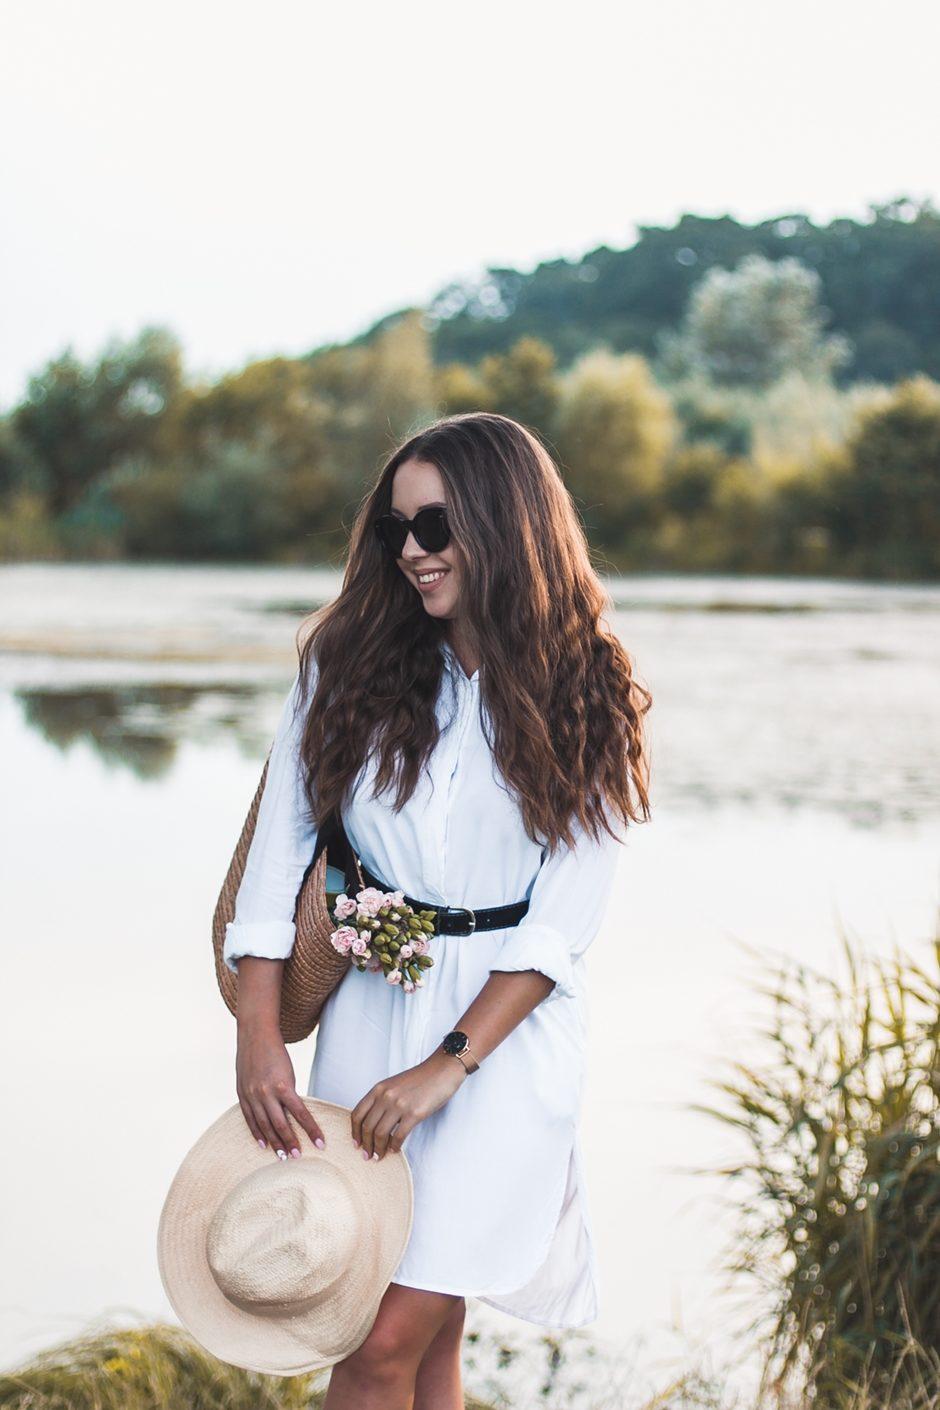 3c6bc4af37 Biała sukienka w wakacyjnej stylizacji ze słomianą torbą plażową